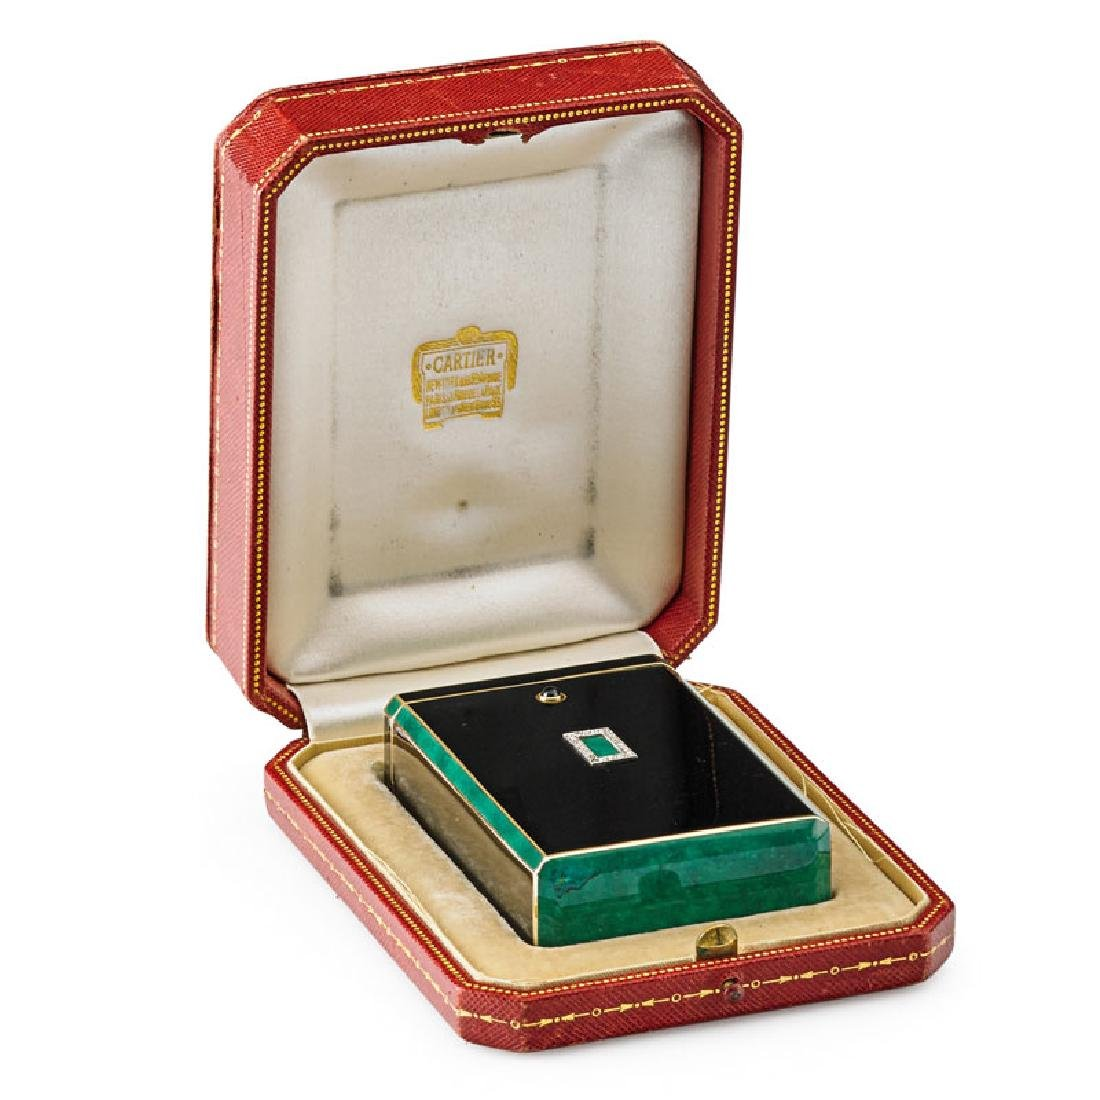 CARTIER ART DECO ENAMELED GOLD & DIAMOND CIGARETTE CASE